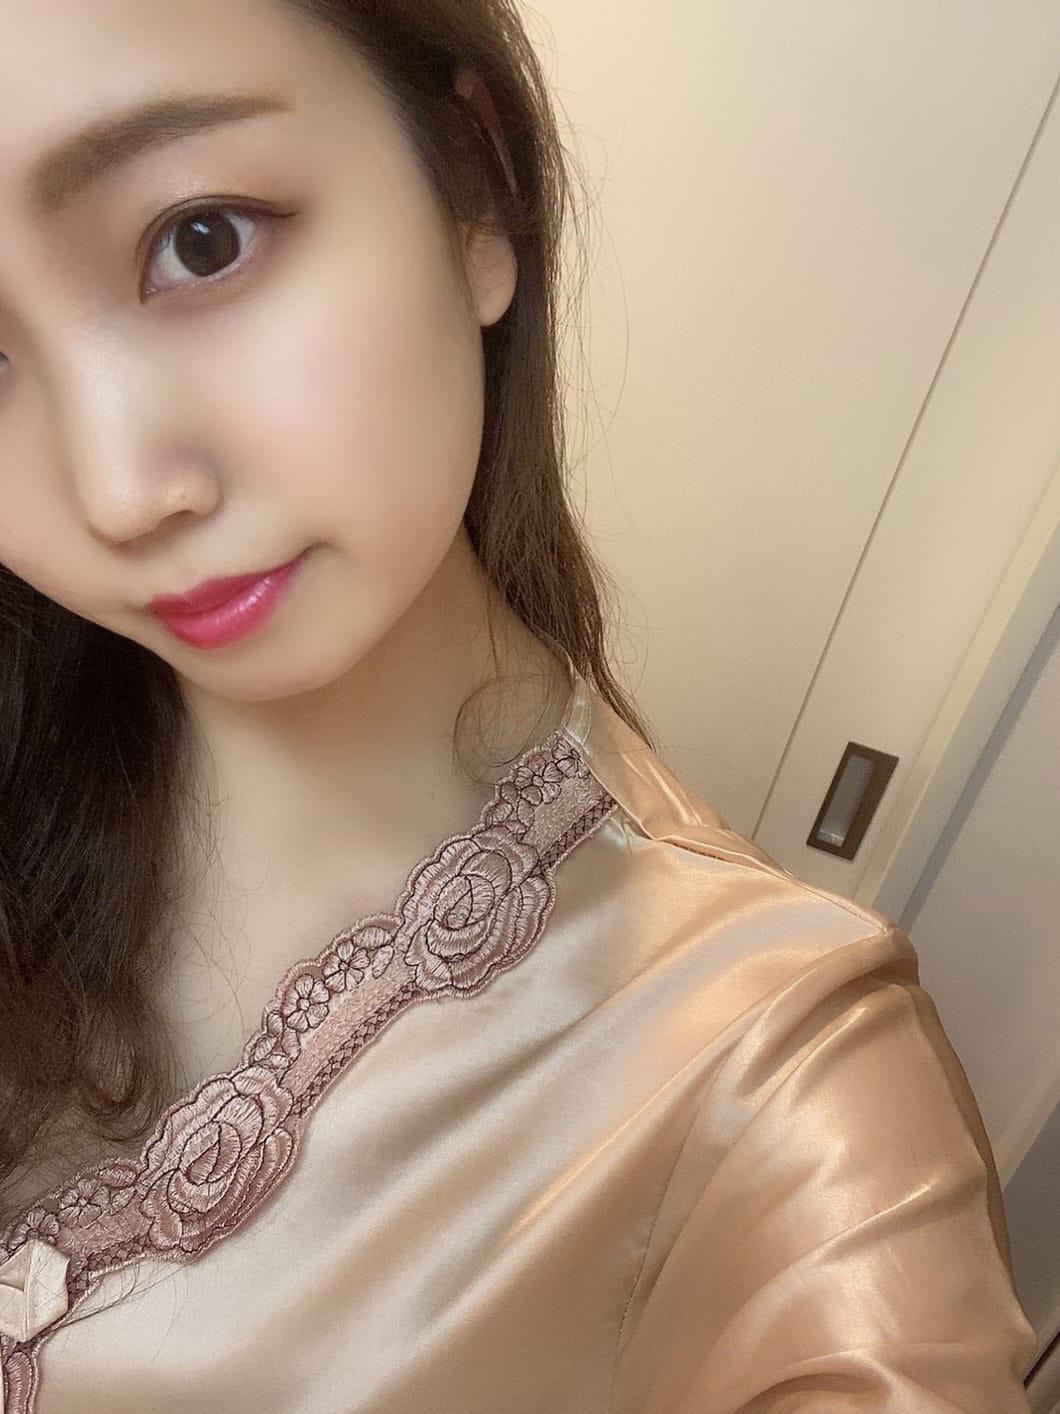 鈴(すず)【明るく元気なキュート系女子!】 | GOSSIP-ゴシップ-()